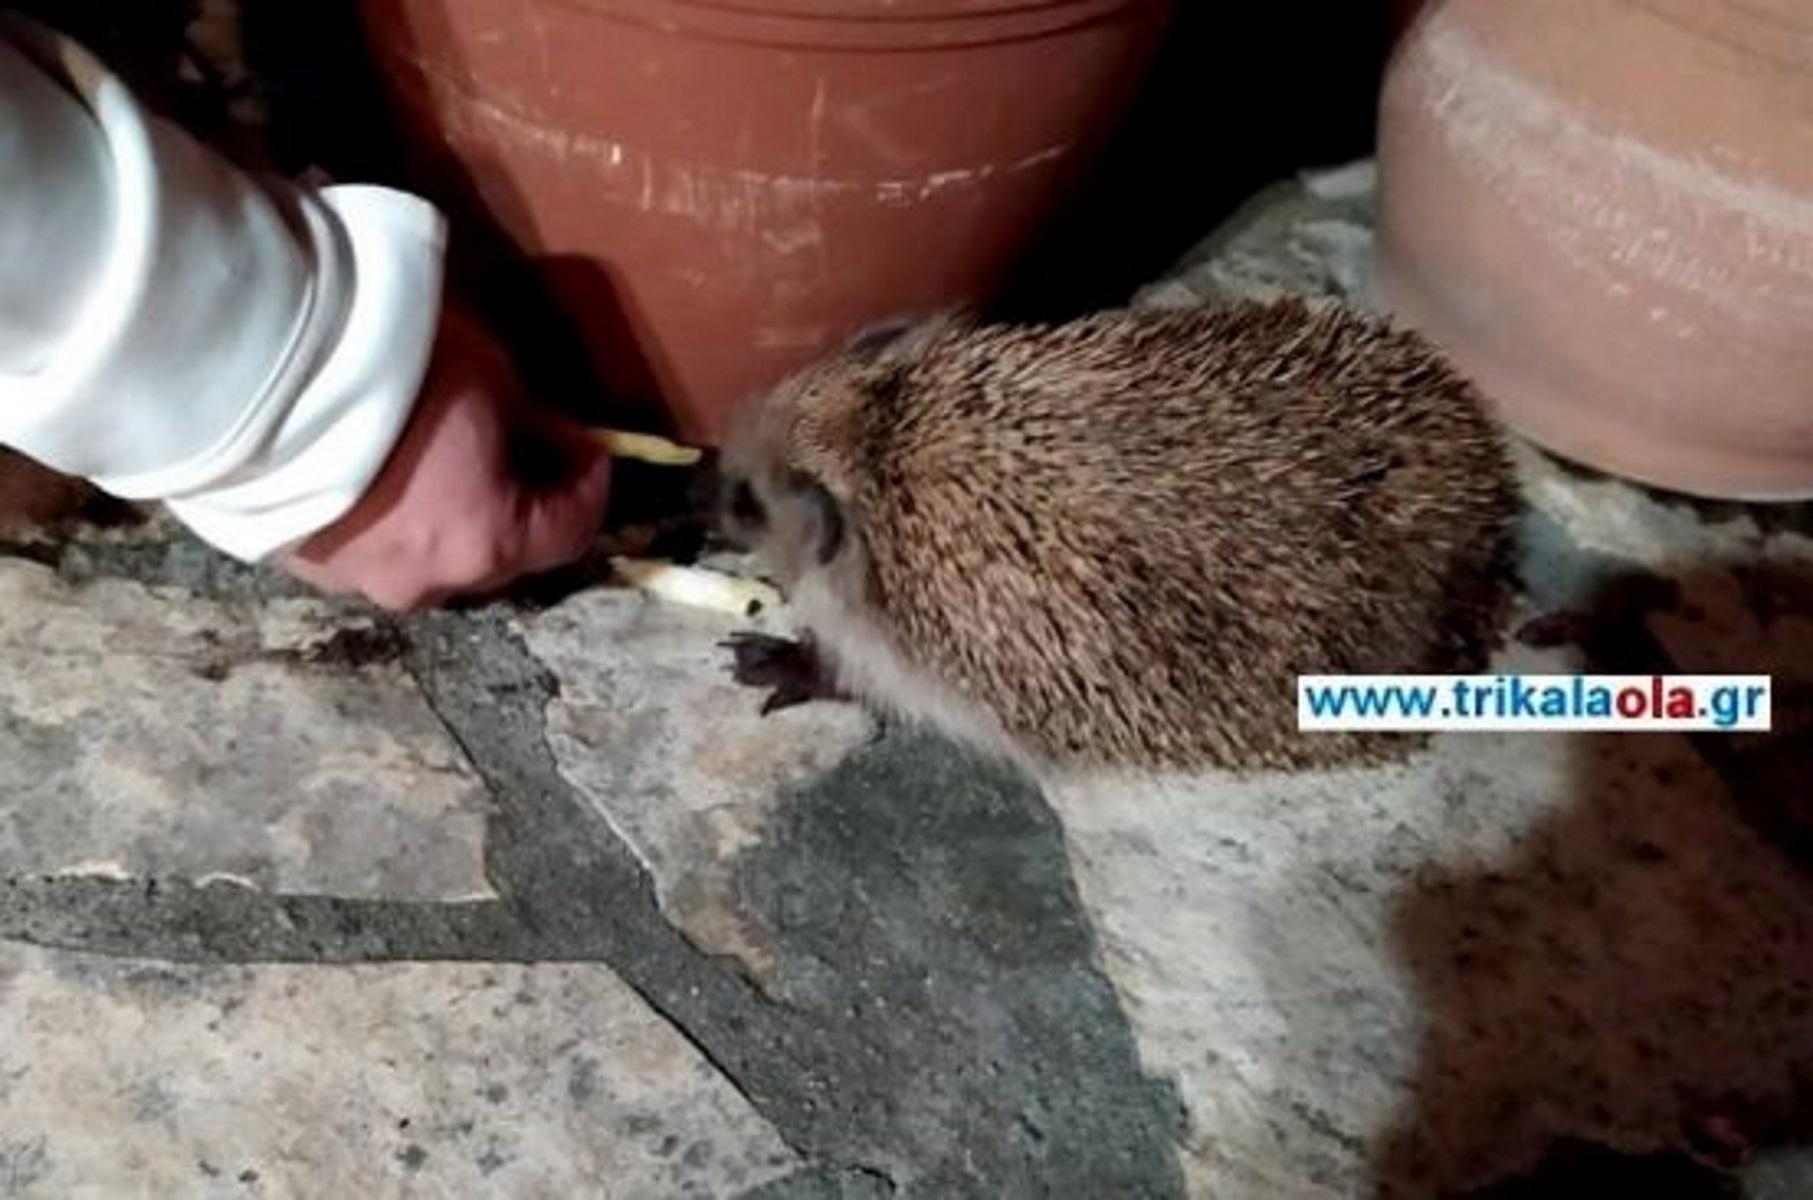 Αυτός ο σκαντζόχοιρος…  έχει τρελάνει μια οικογένεια στα Τρίκαλα! Video